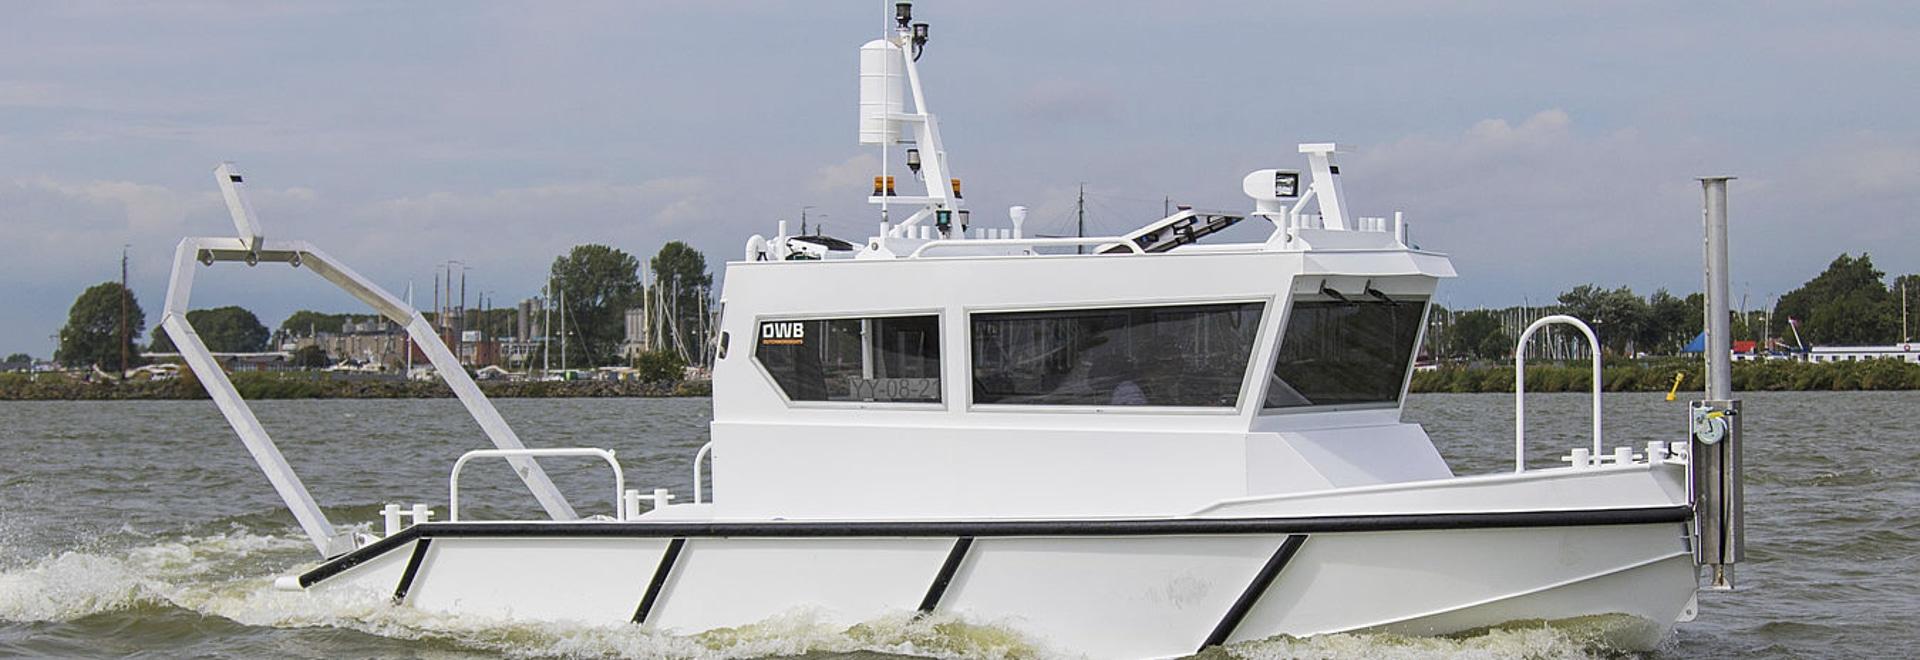 JEÛNENT LE BATEAU 8.50 d'APERÇU - histoire maritime de Parker de sa nouvelle beauté blanche